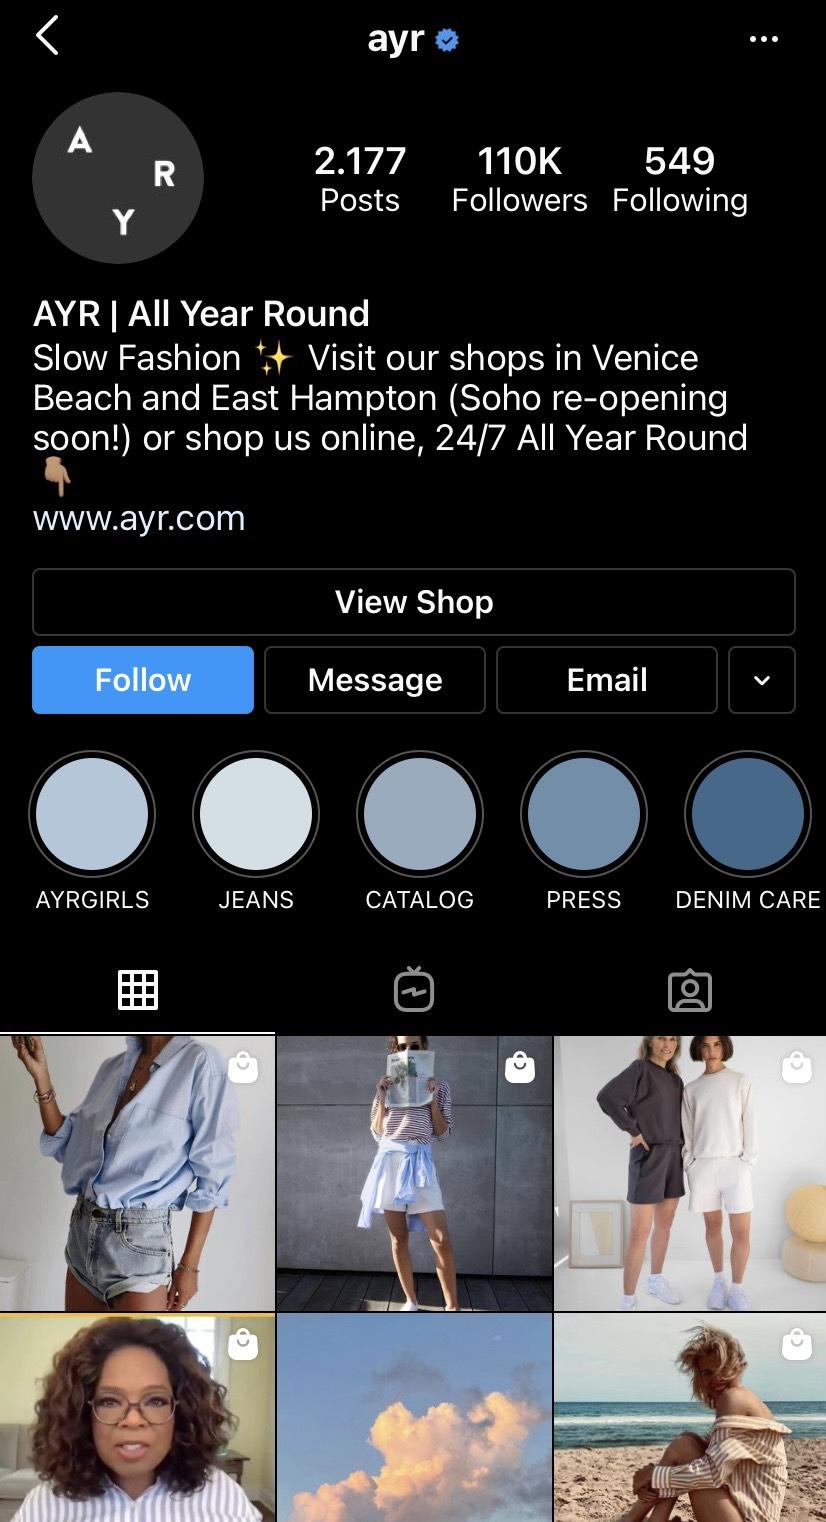 Trang cá nhân của hãng thời trang Ayr trên mạng xã hội Instagram.